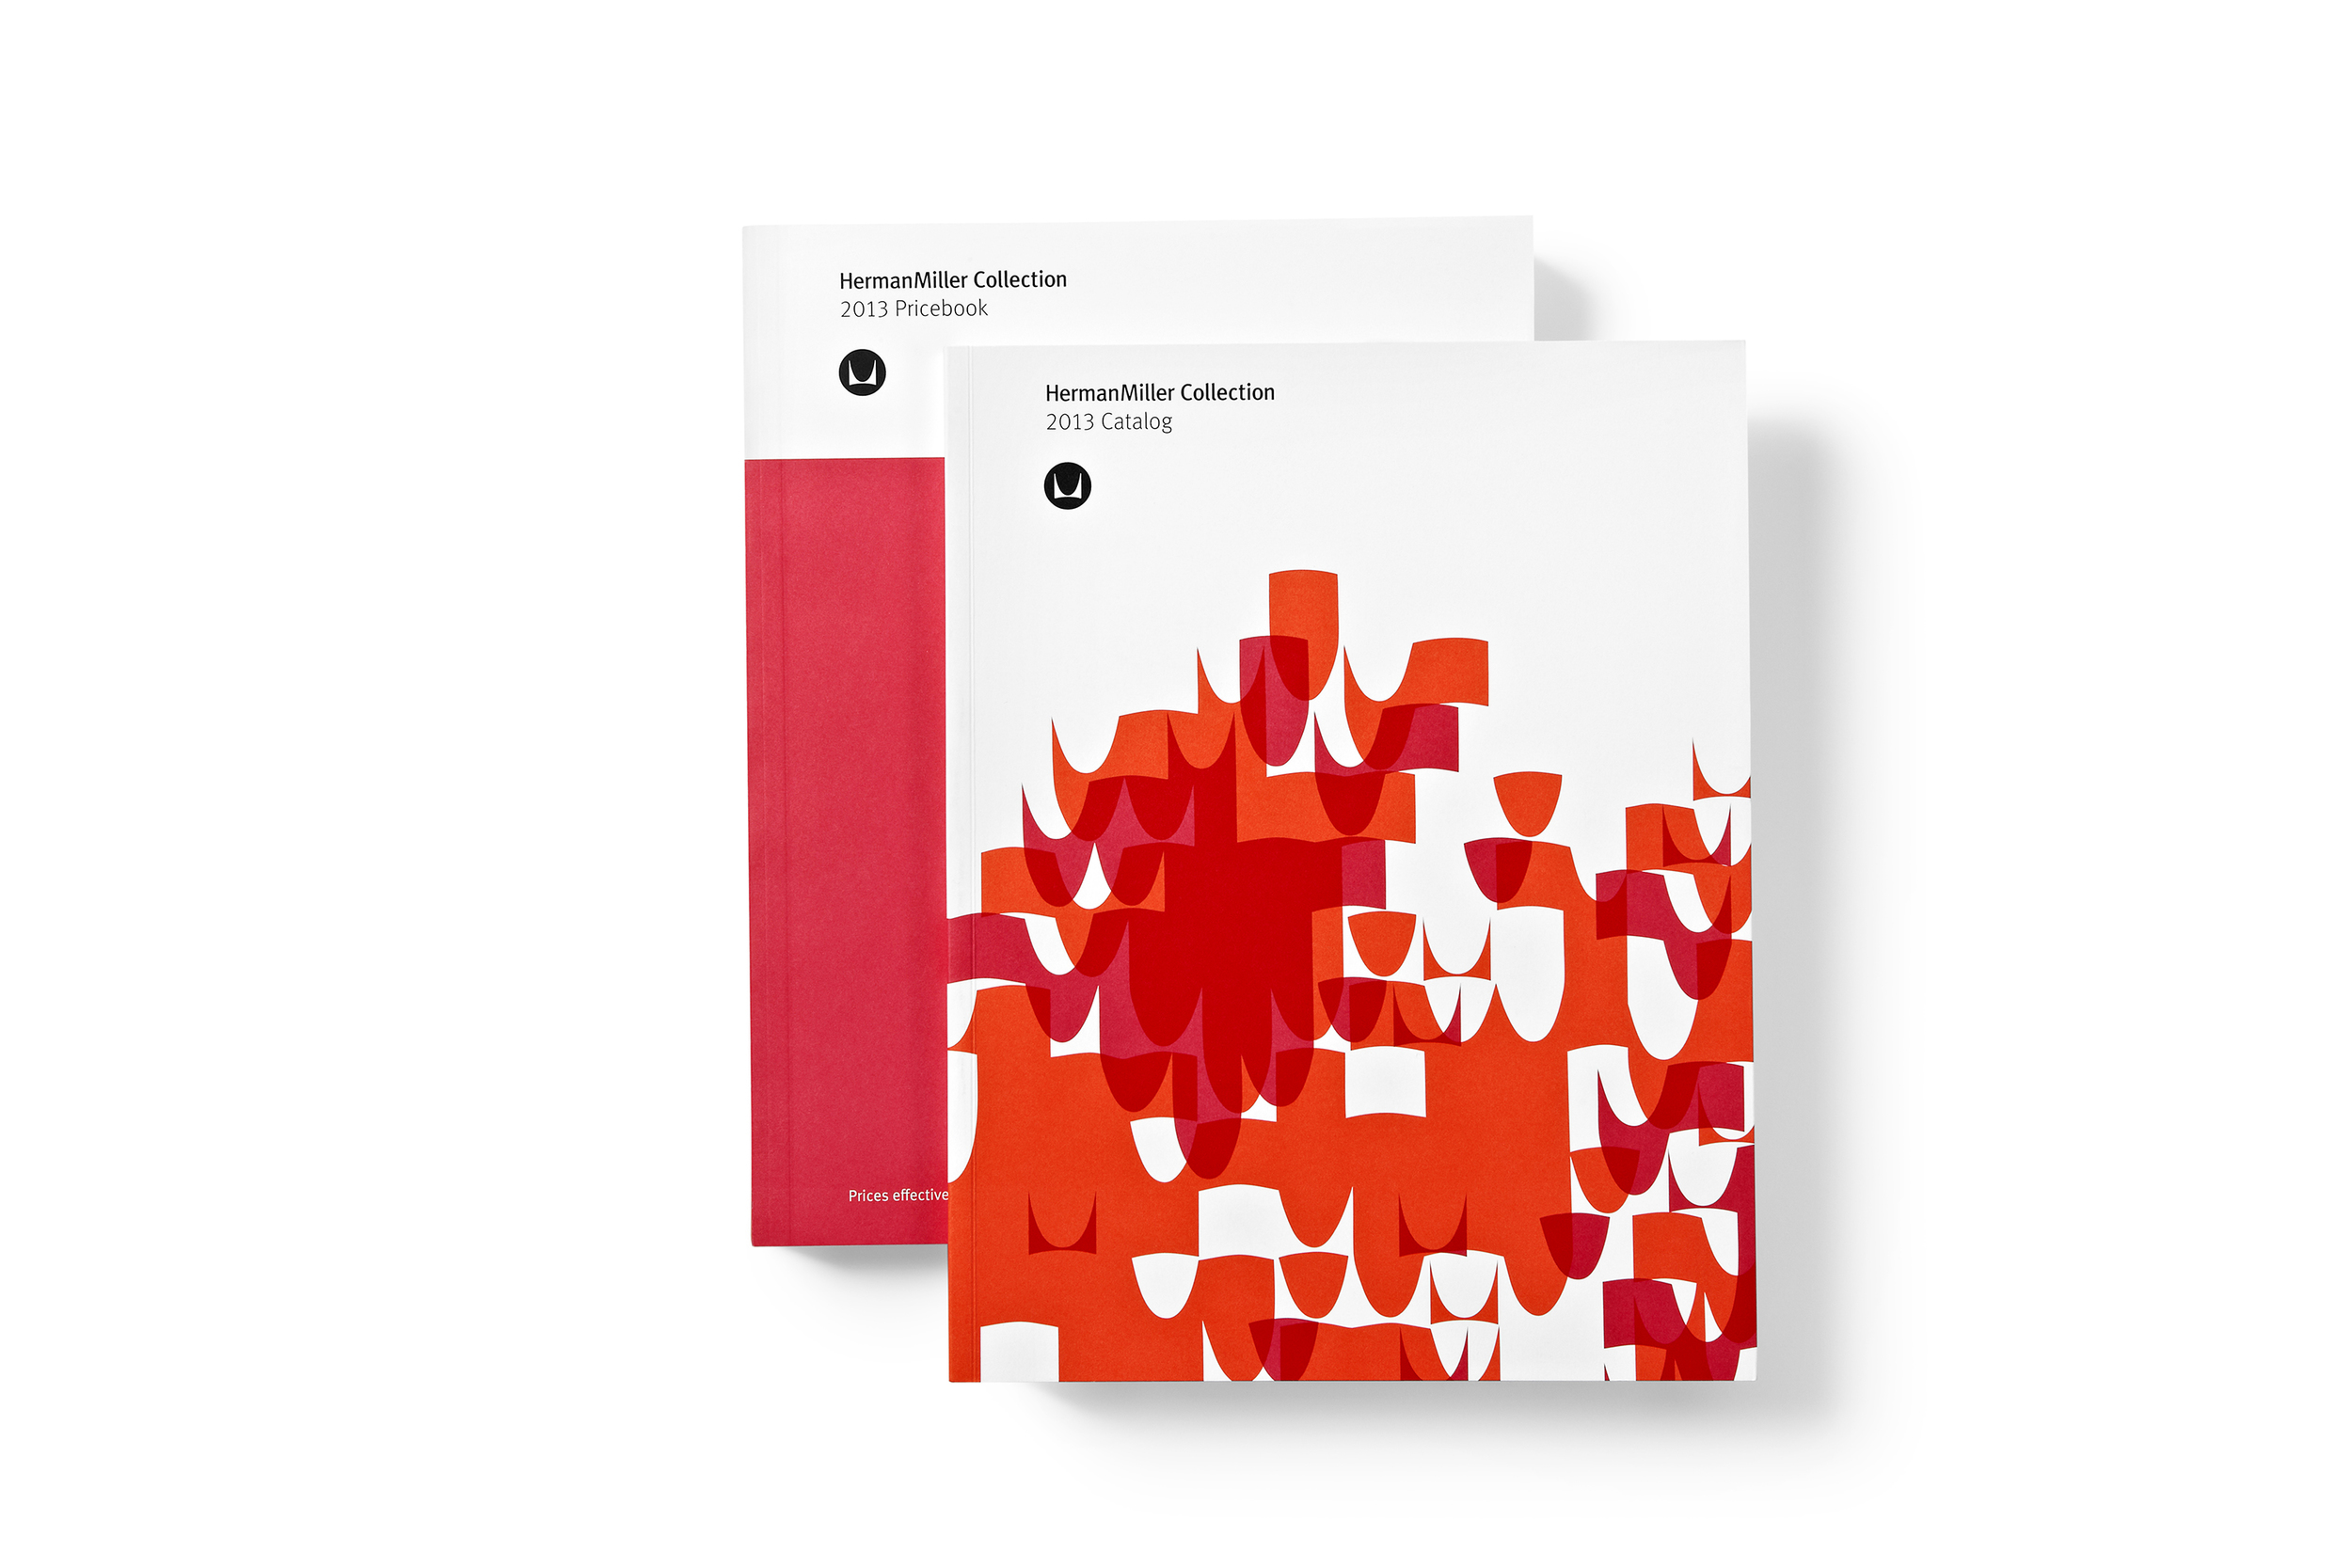 2013 Catalog and Pricebook Suite